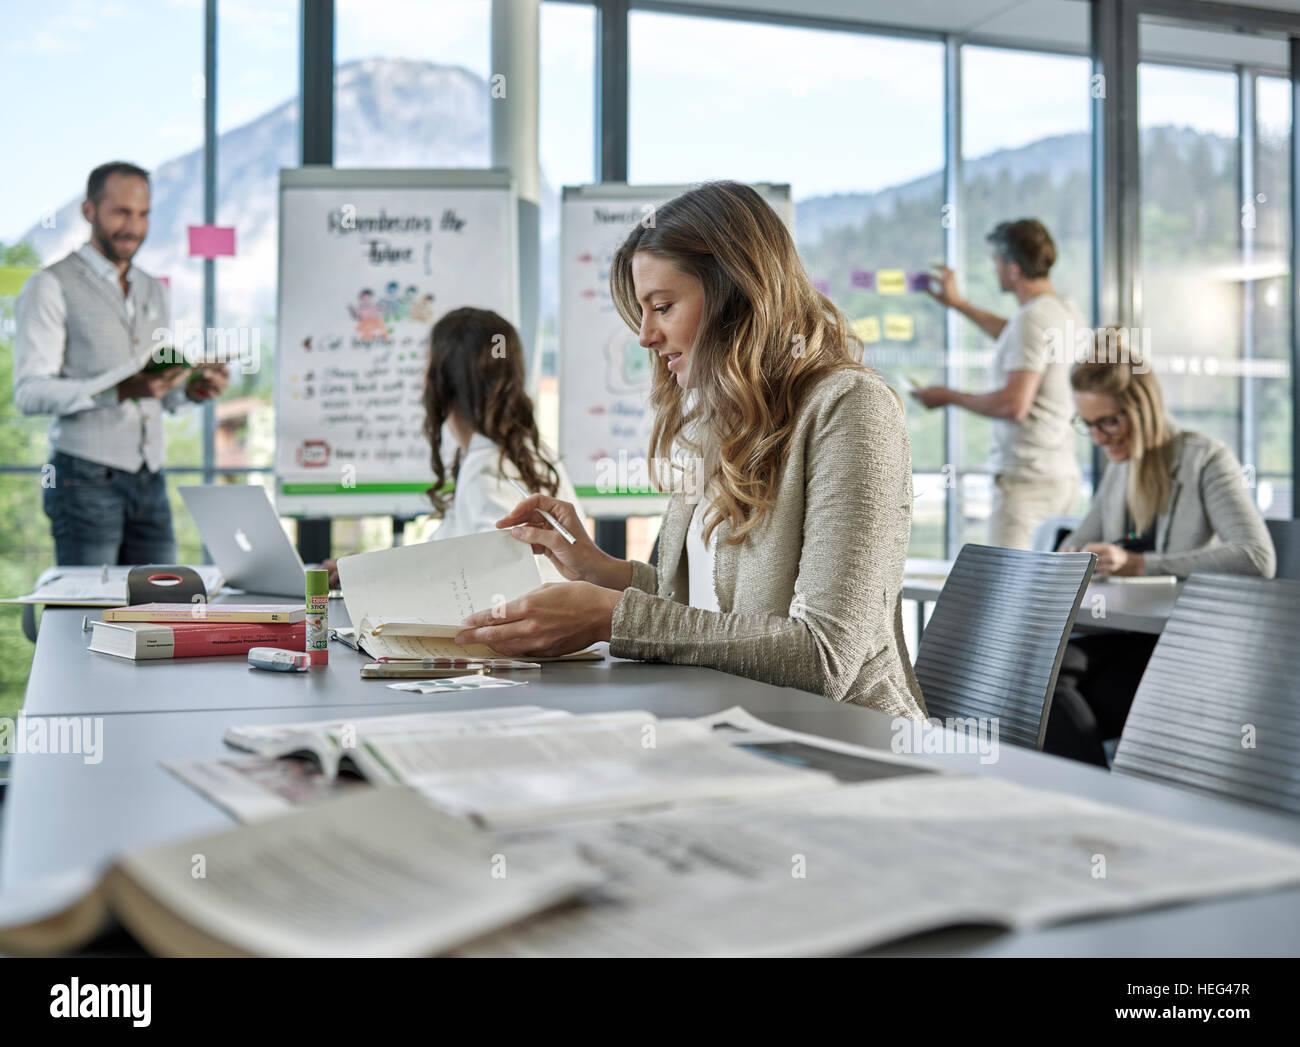 El trabajo en equipo creativo, presentación, lluvia de ideas, proyectos de trabajo, talleres, capacitación, Imagen De Stock